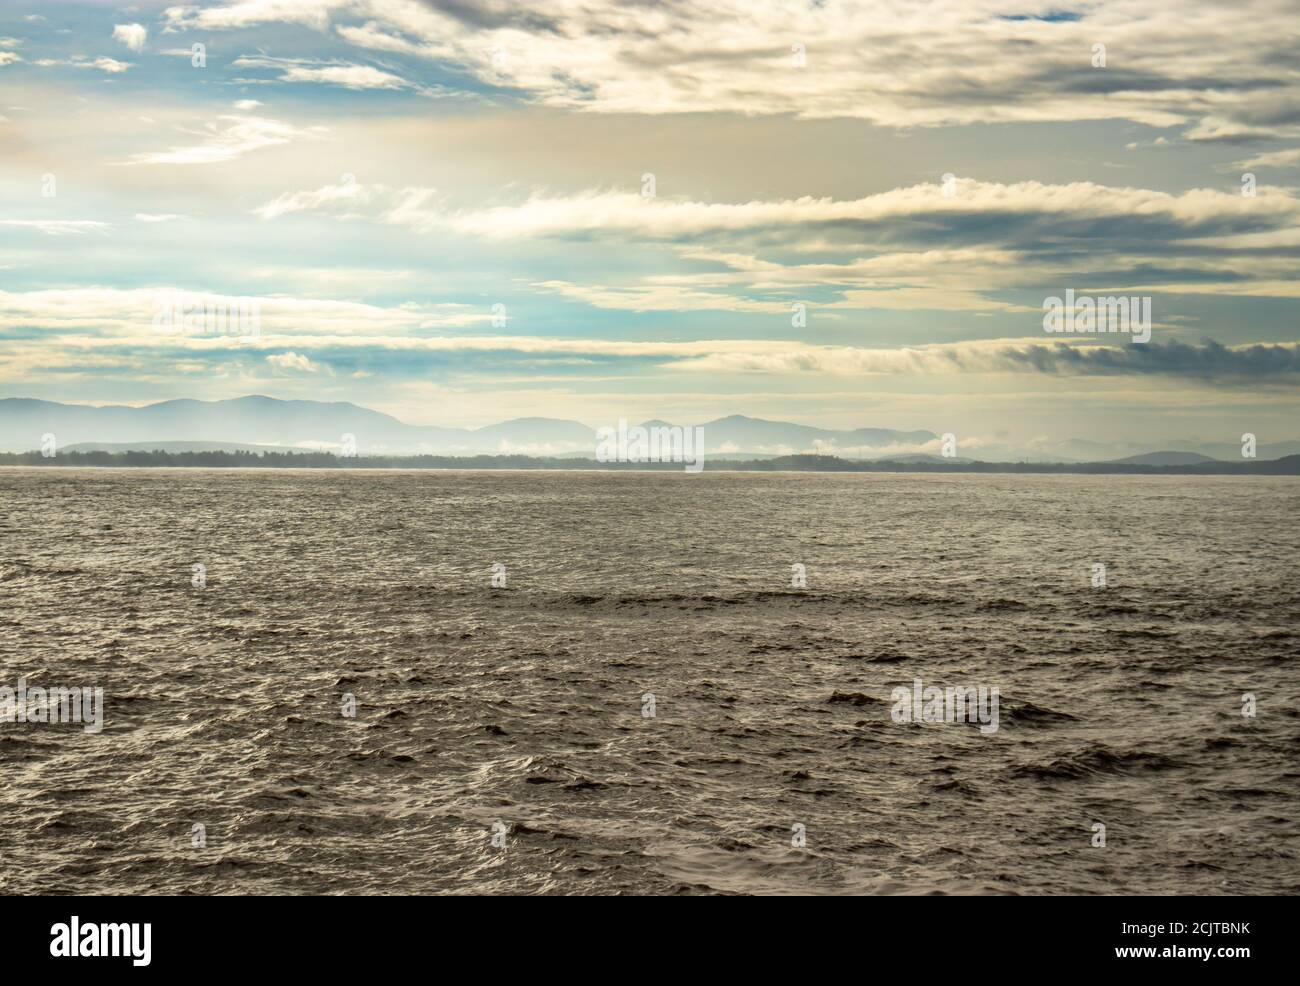 horizonte marino con un cielo asombroso por la mañana desde un ángulo plano imagen tomada en la playa gokarna karnataka india. es una de las mejores playas de gokarna. Foto de stock